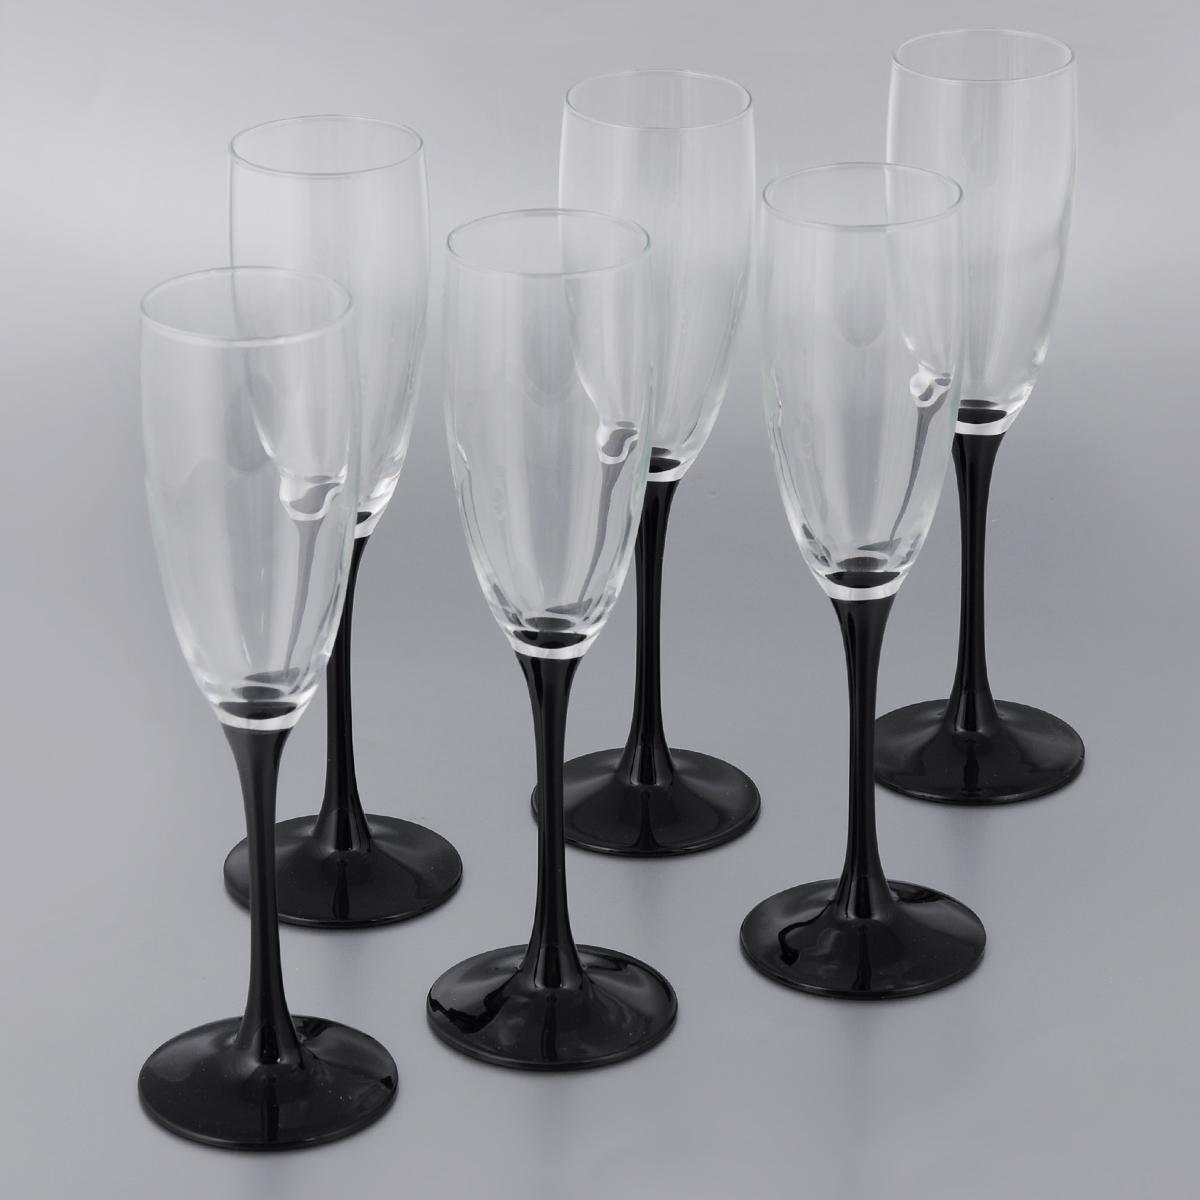 Набор фужеров для шампанского Luminarc Домино, 170 мл, 6 штH8167Набор Luminarc Домино, выполненный из высококачественного стекла, состоит из 6 фужеров на тонкой ножке черного цвета. Фужеры предназначены для подачи игристых вин. Они отличаются особой легкостью и прочностью, излучают приятный блеск и издают мелодичный хрустальный звон. Фужеры выполнены в оригинальном элегантном дизайне. Благодаря такому набору пить напитки будет еще вкуснее. Фужеры станут идеальным украшением праздничного стола и отличным подарком к любому празднику. Можно мыть в посудомоечной машине. Диаметр фужера (по верхнему краю): 5 см. Диаметр основания фужера: 6,5 см. Высота фужера: 22 см.